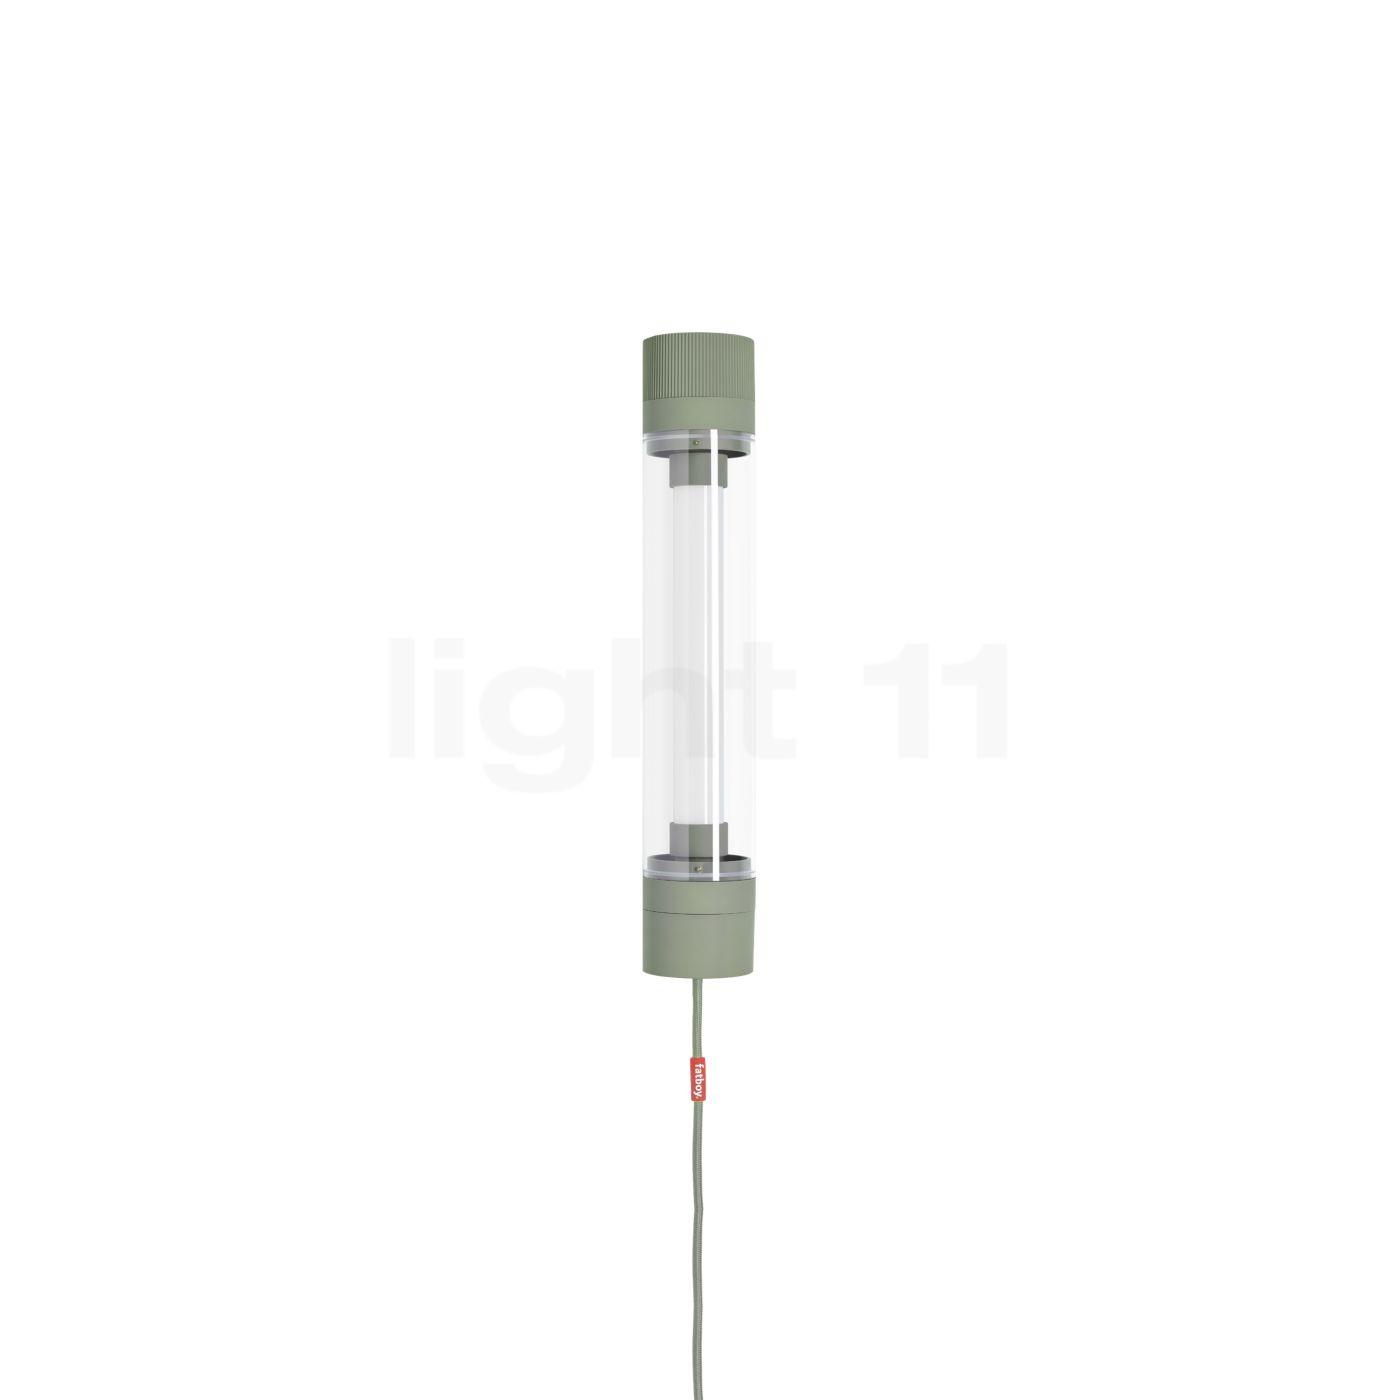 Fatboy Tjoep Wand- und Deckenleuchte LED, Oliv, 50 cm 103724